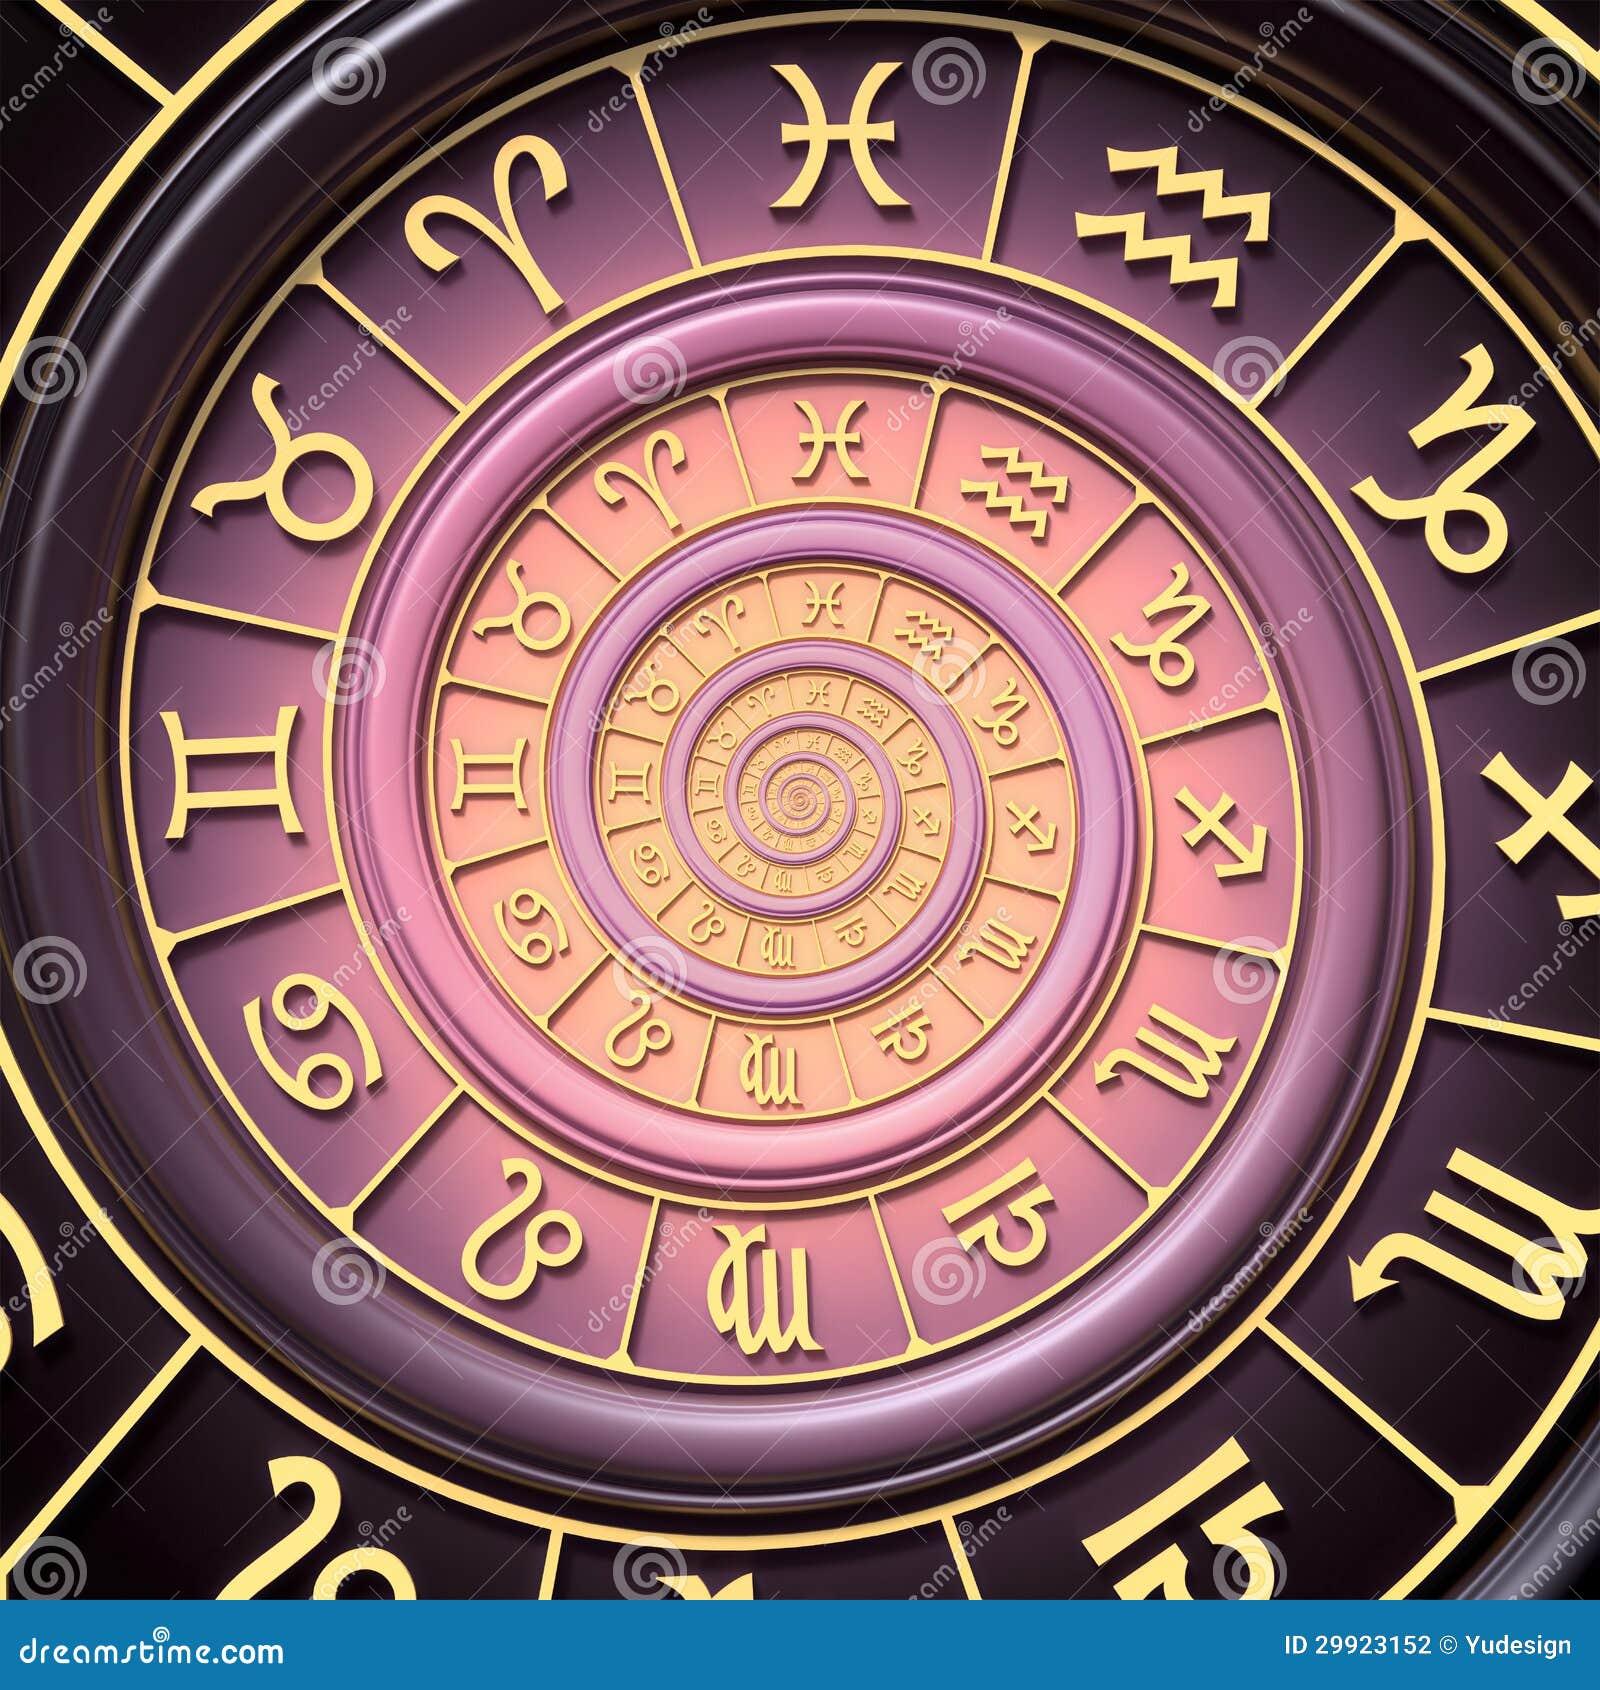 Spirale de zodiaque illustration stock. Illustration du ciel - 29923152 edd6f05b5f6